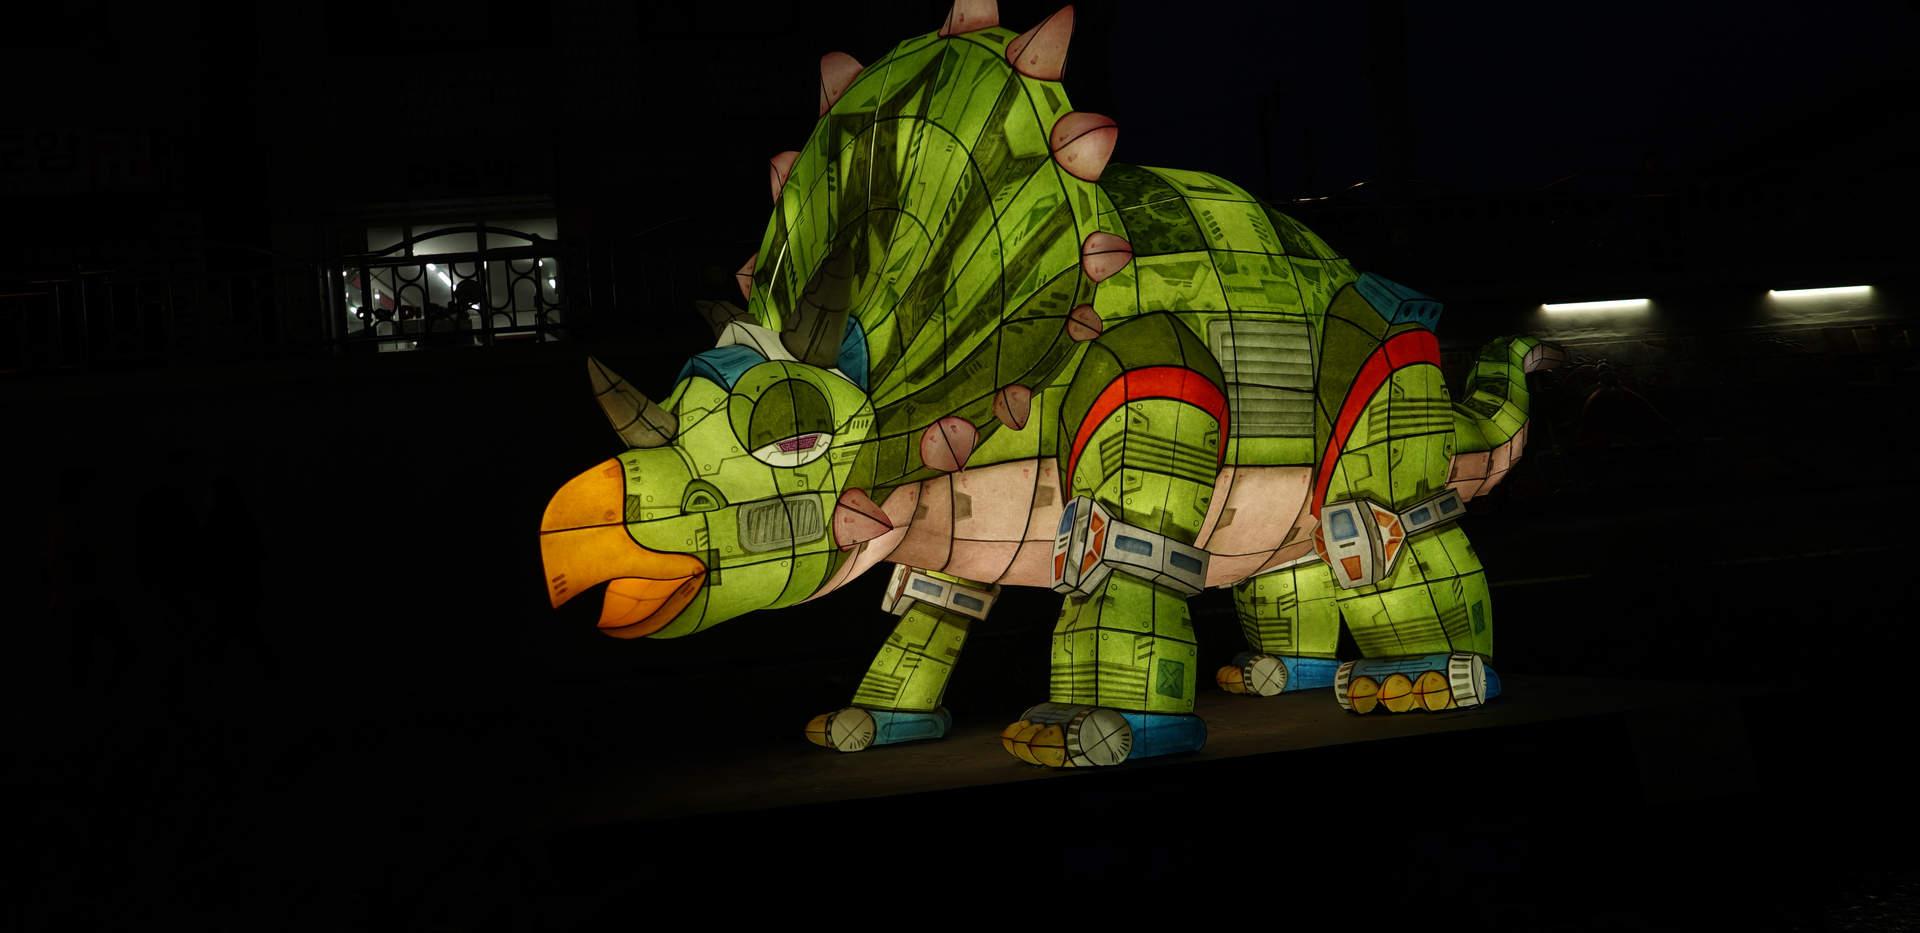 공룡(트리케사우루스)